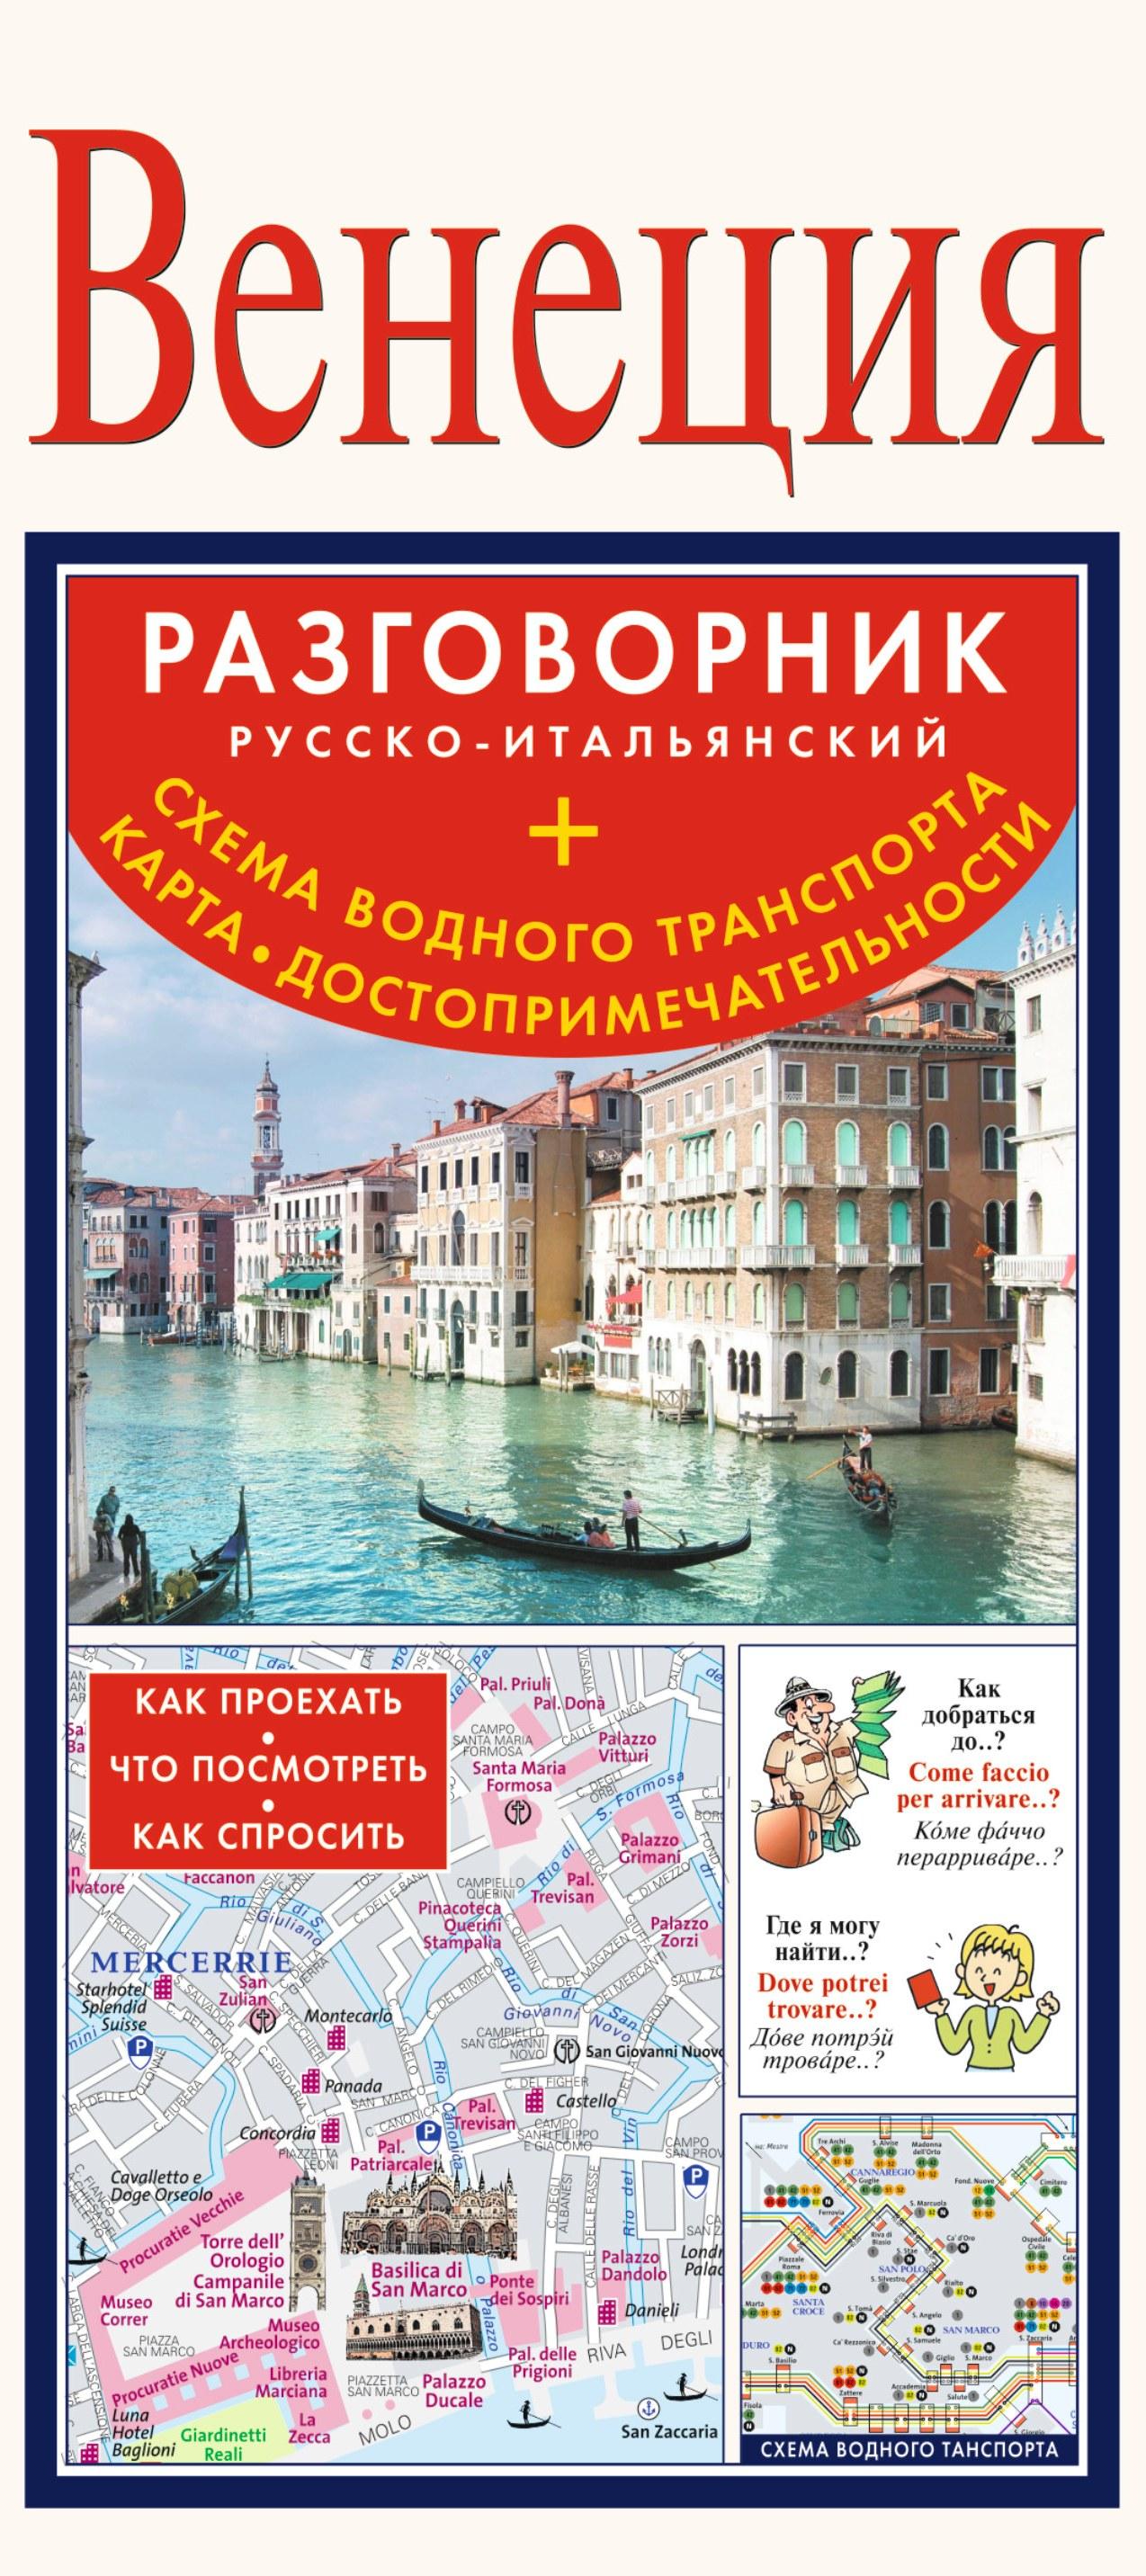 Венеция. Русско-итальянский разговорник + схема водного транспорта, карта, достопримечательности ( .  )